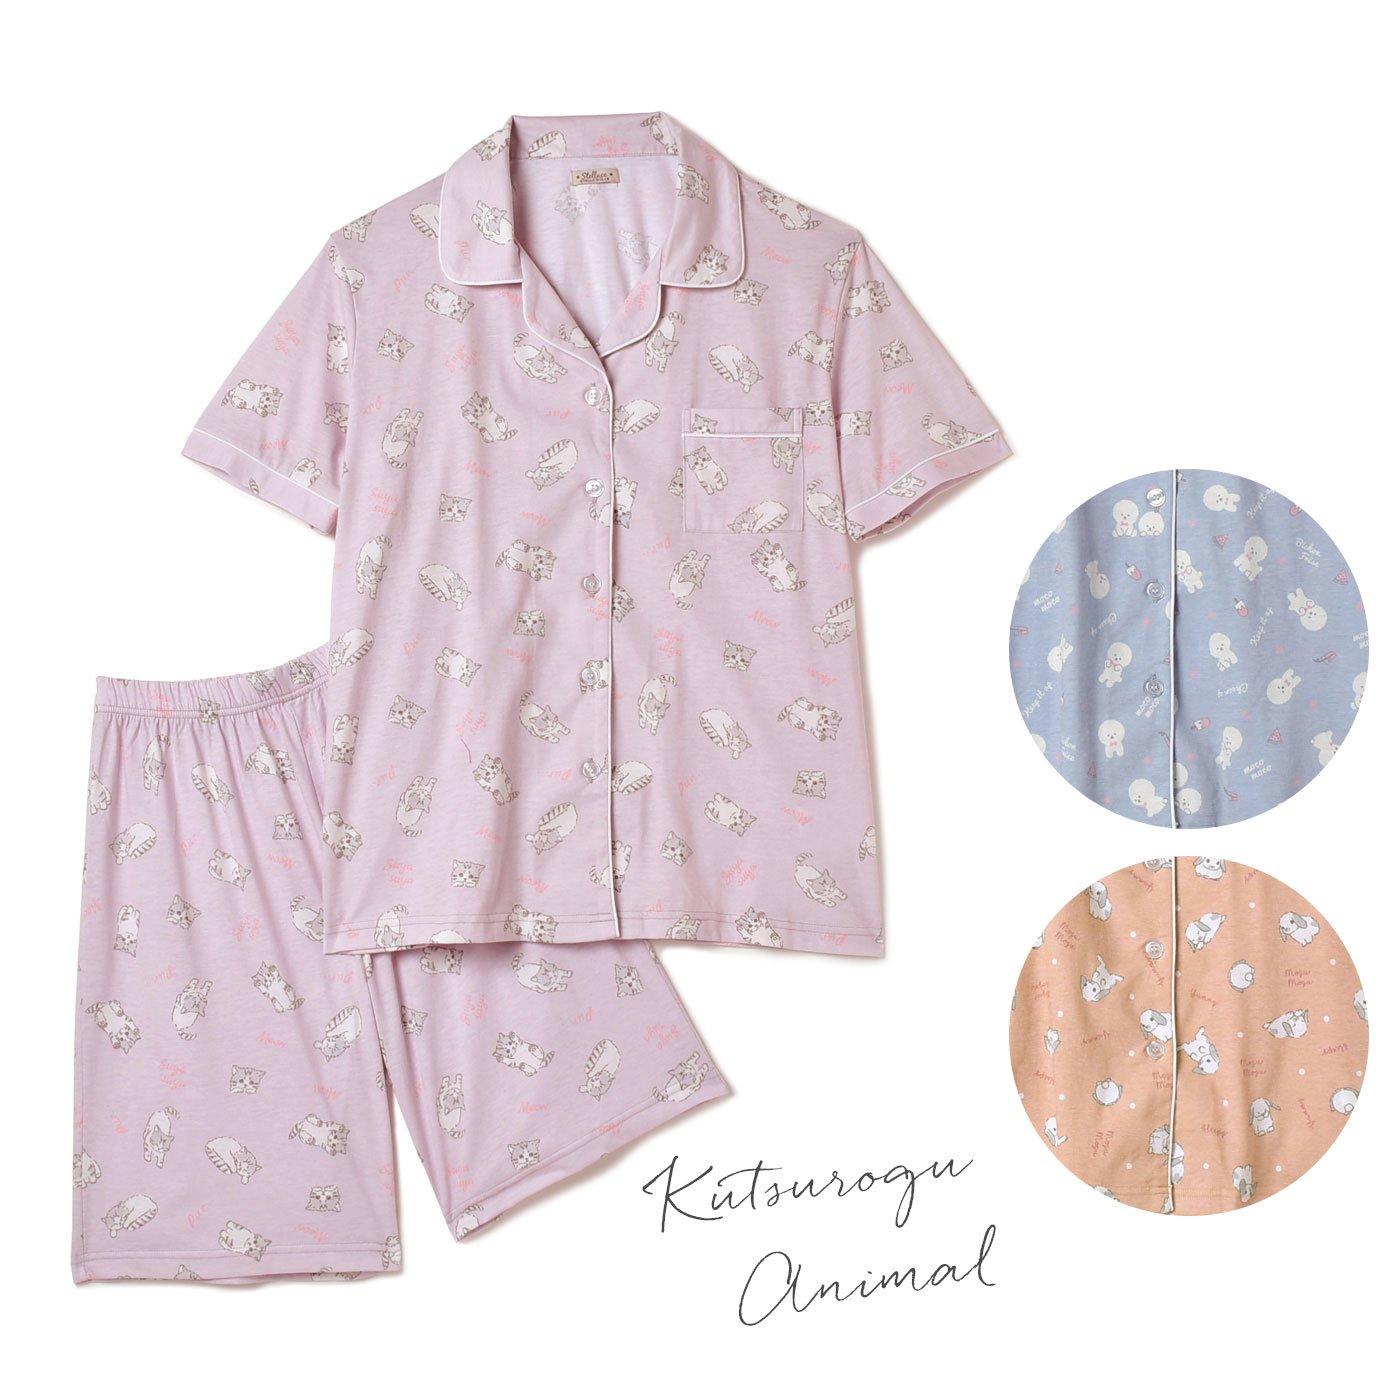 かわいくくつろぐアニマルプリント 開襟パジャマ